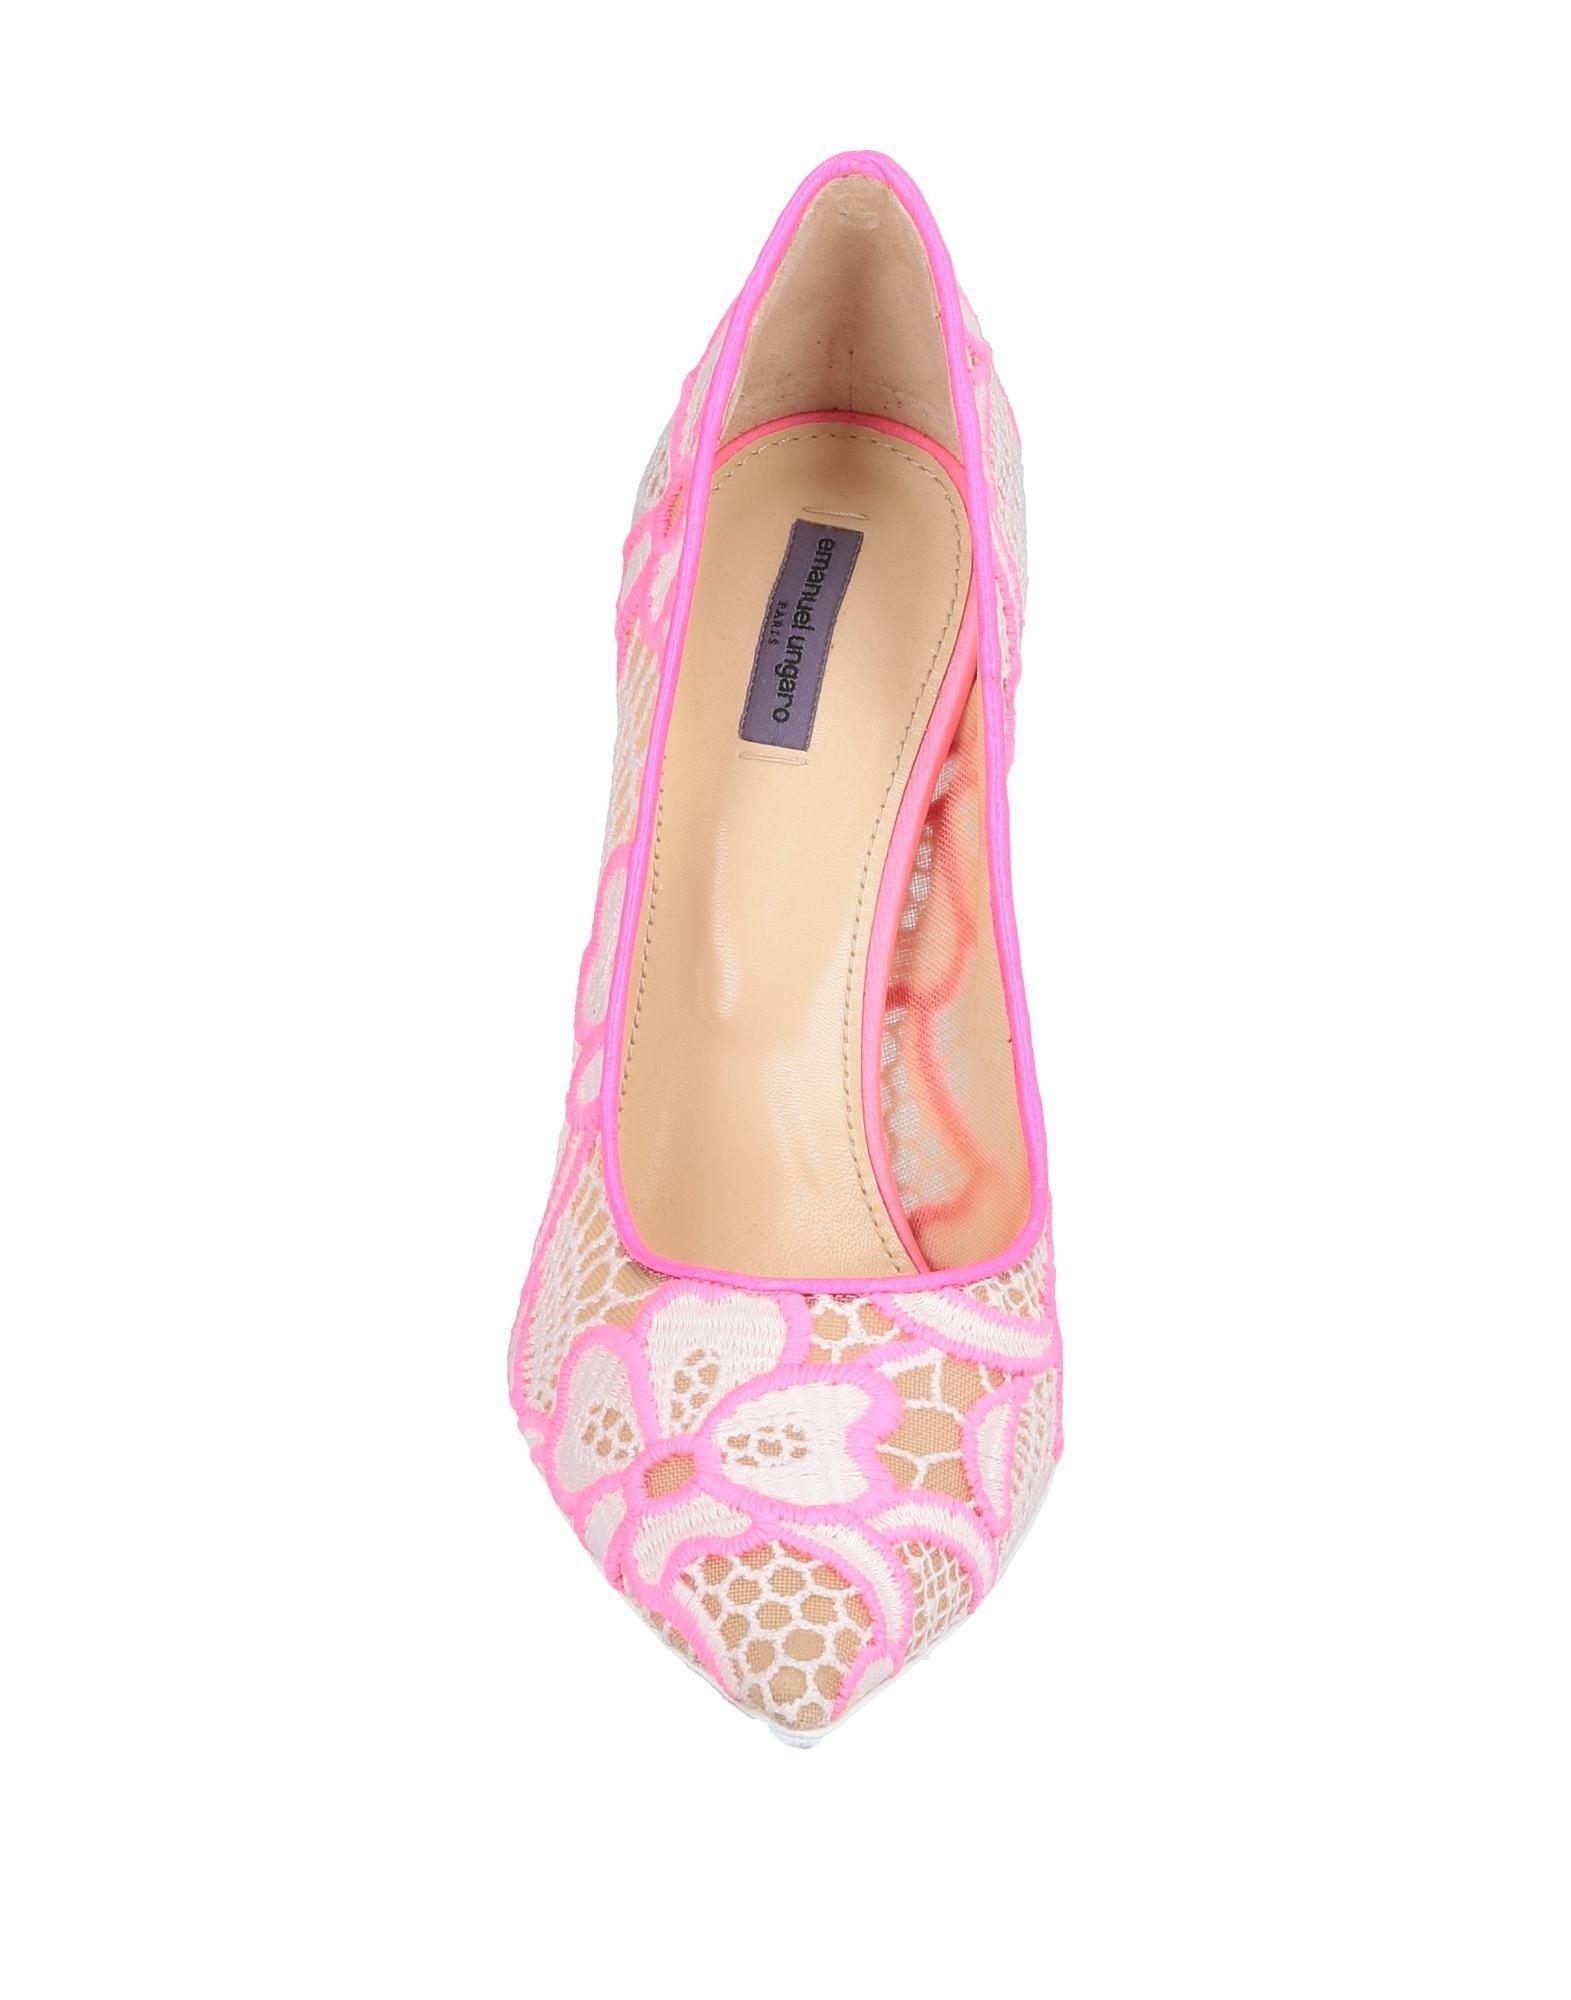 Zapatos de salón Emanuel Ungaro de Encaje de color Rosa